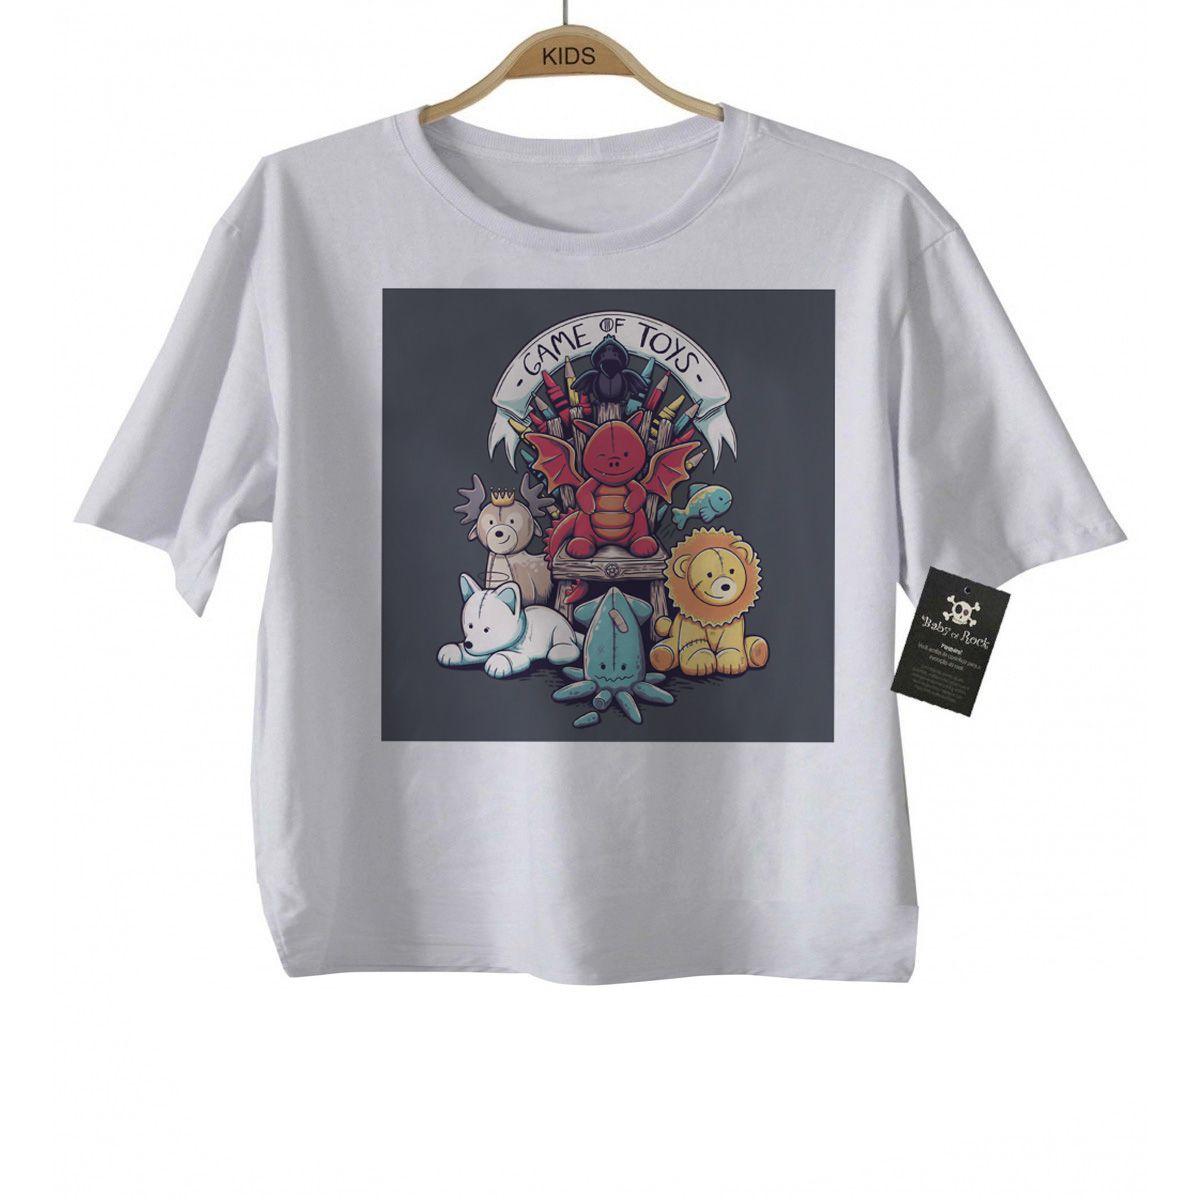 Camiseta Infantil  - Filmes - Game of Toys White  - Baby Monster - Body Bebe